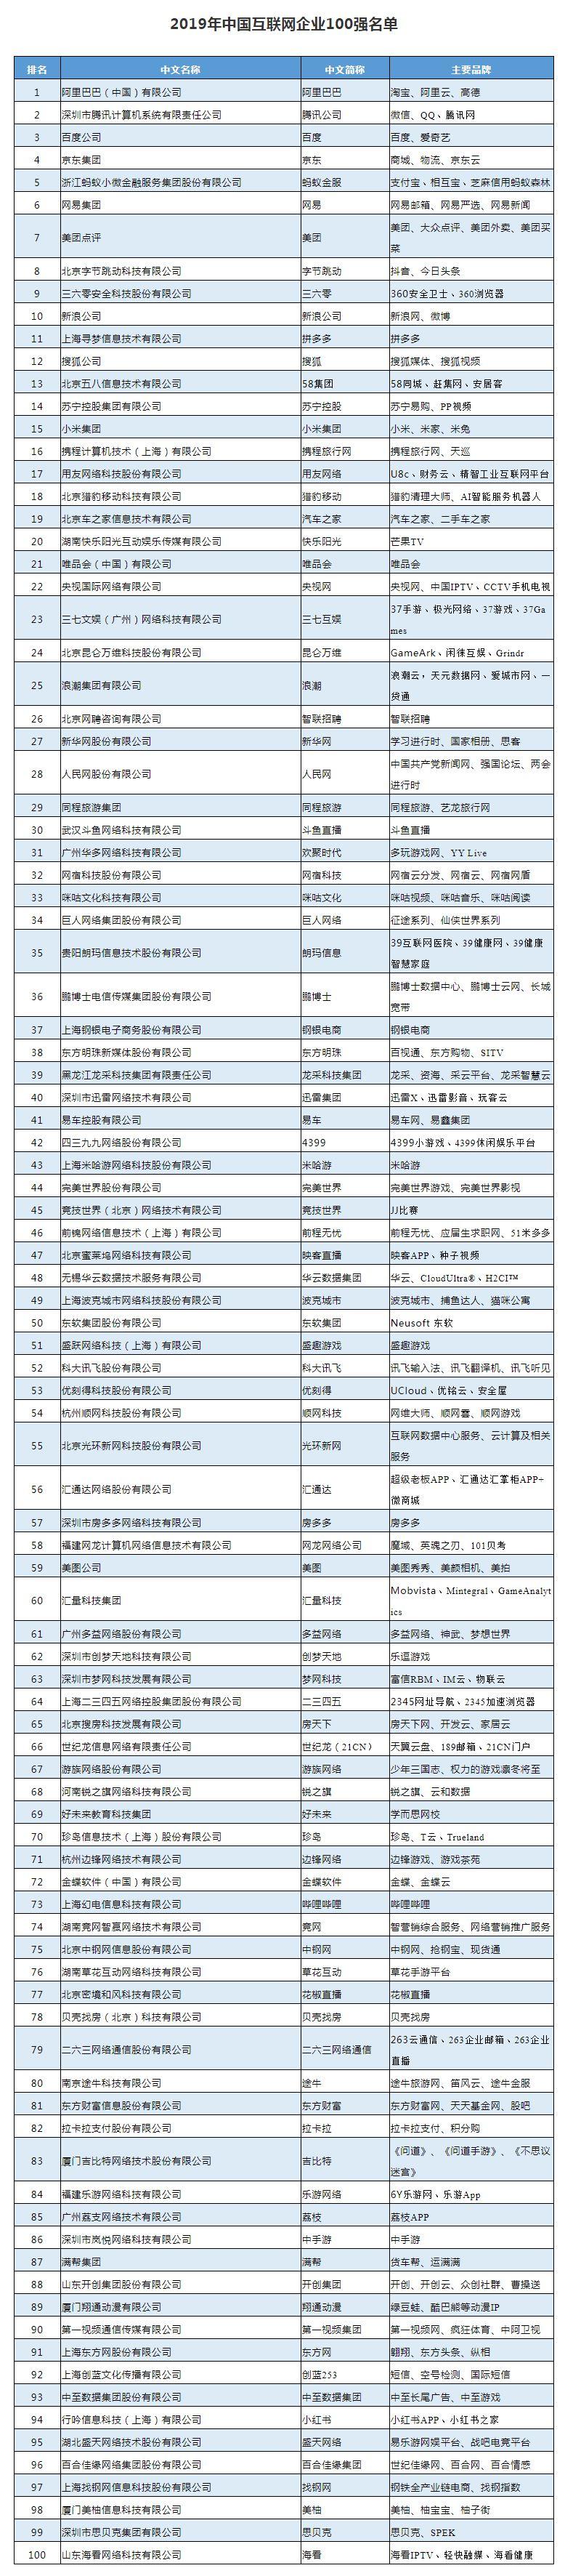 2019年中国互联网企业100强榜单揭晓 阿里腾讯百度位居前三